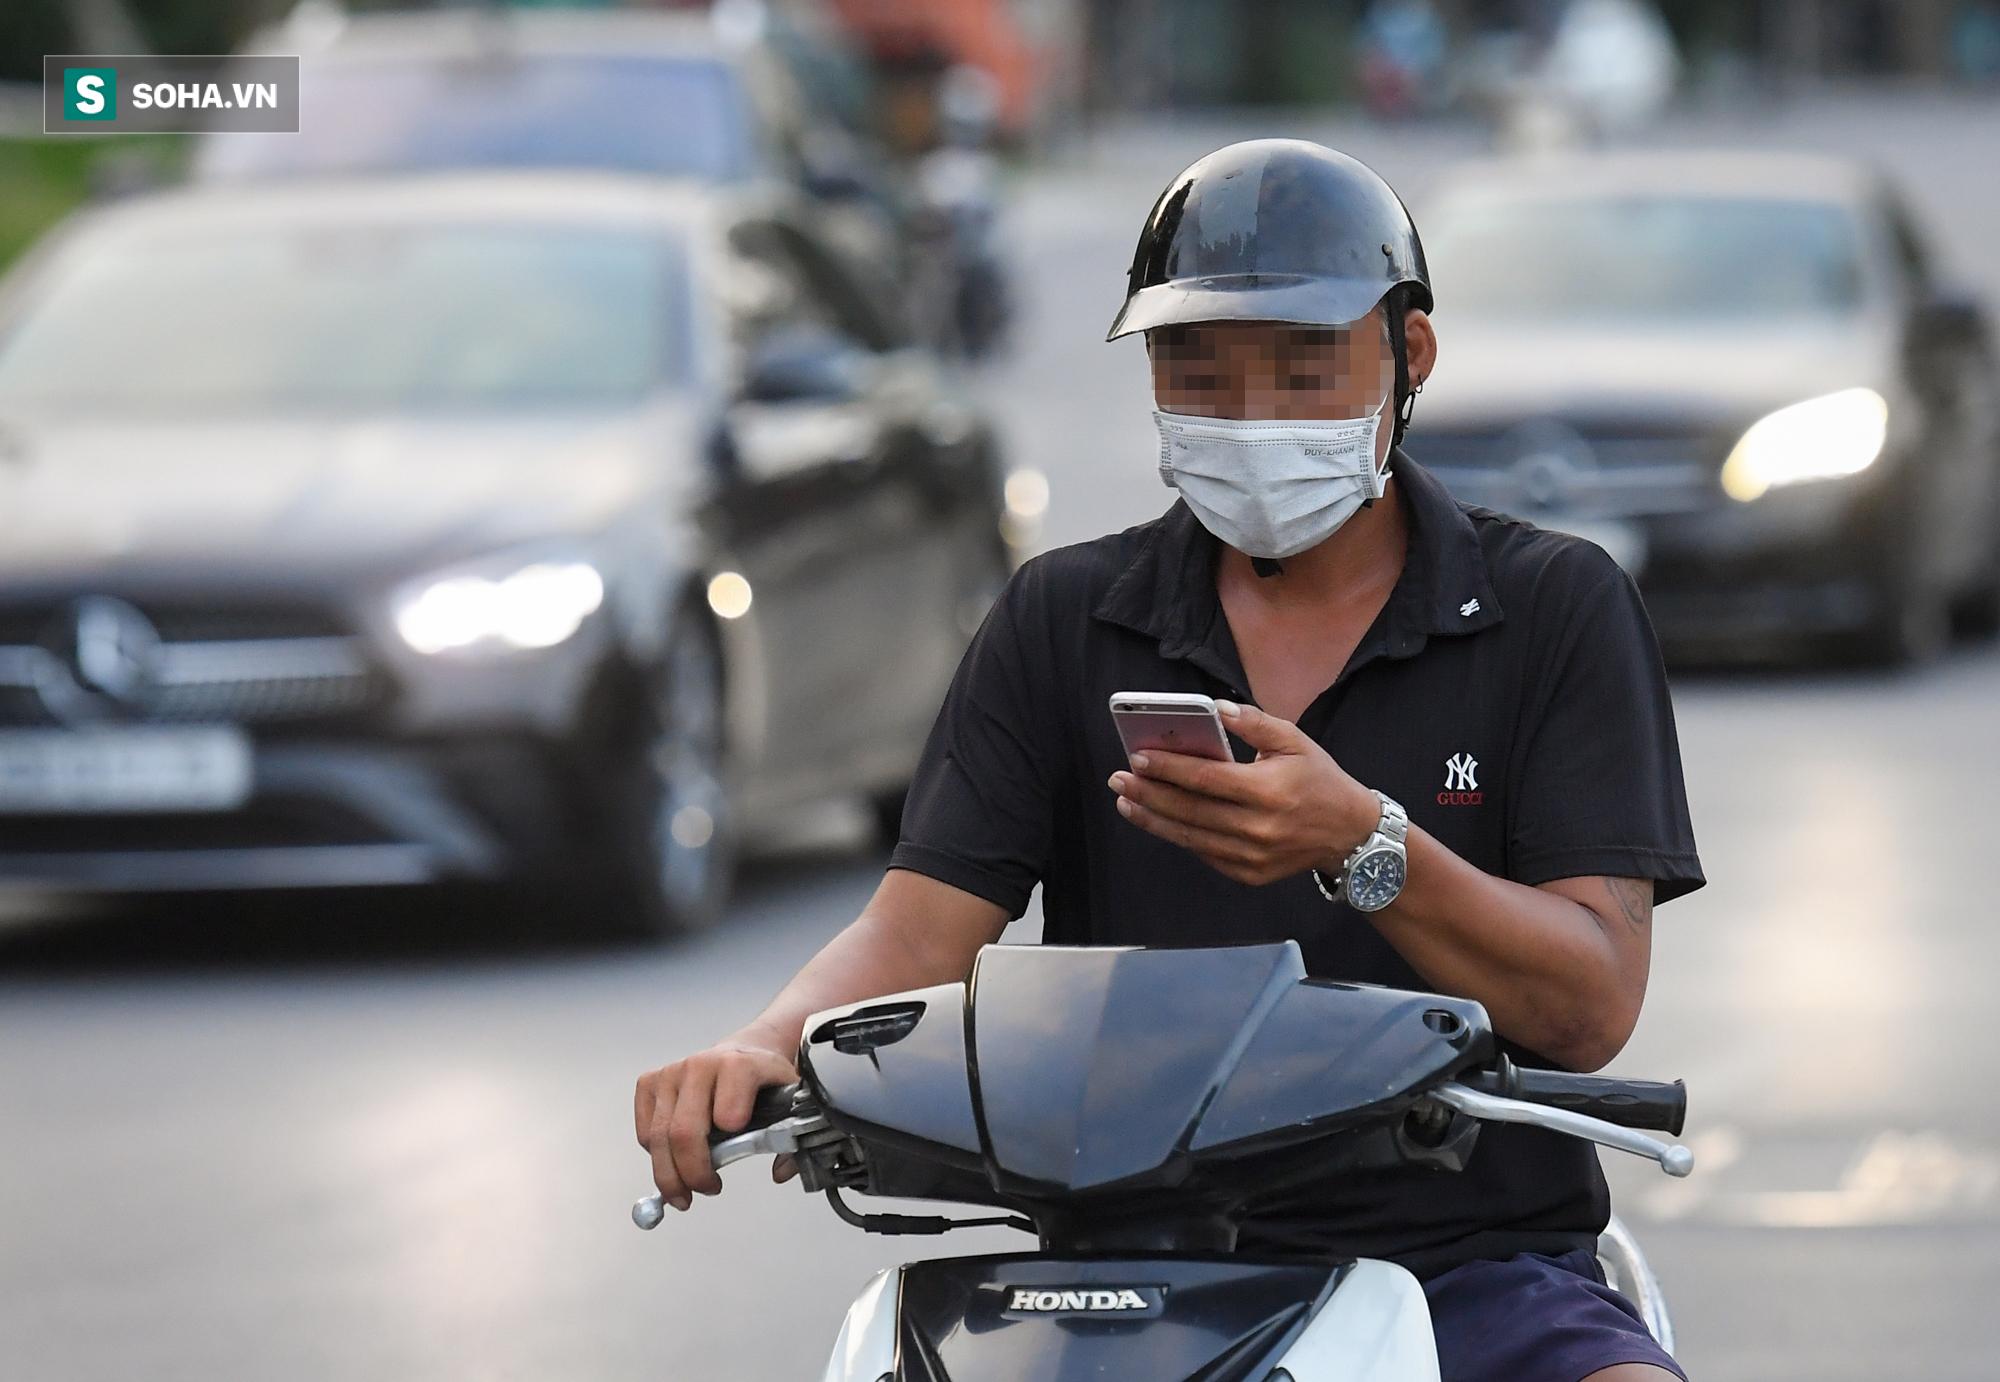 Ra đường mùa dịch: Nhiều người ở Hà Nội nhớ khẩu trang nhưng quên luật giao thông - Ảnh 7.